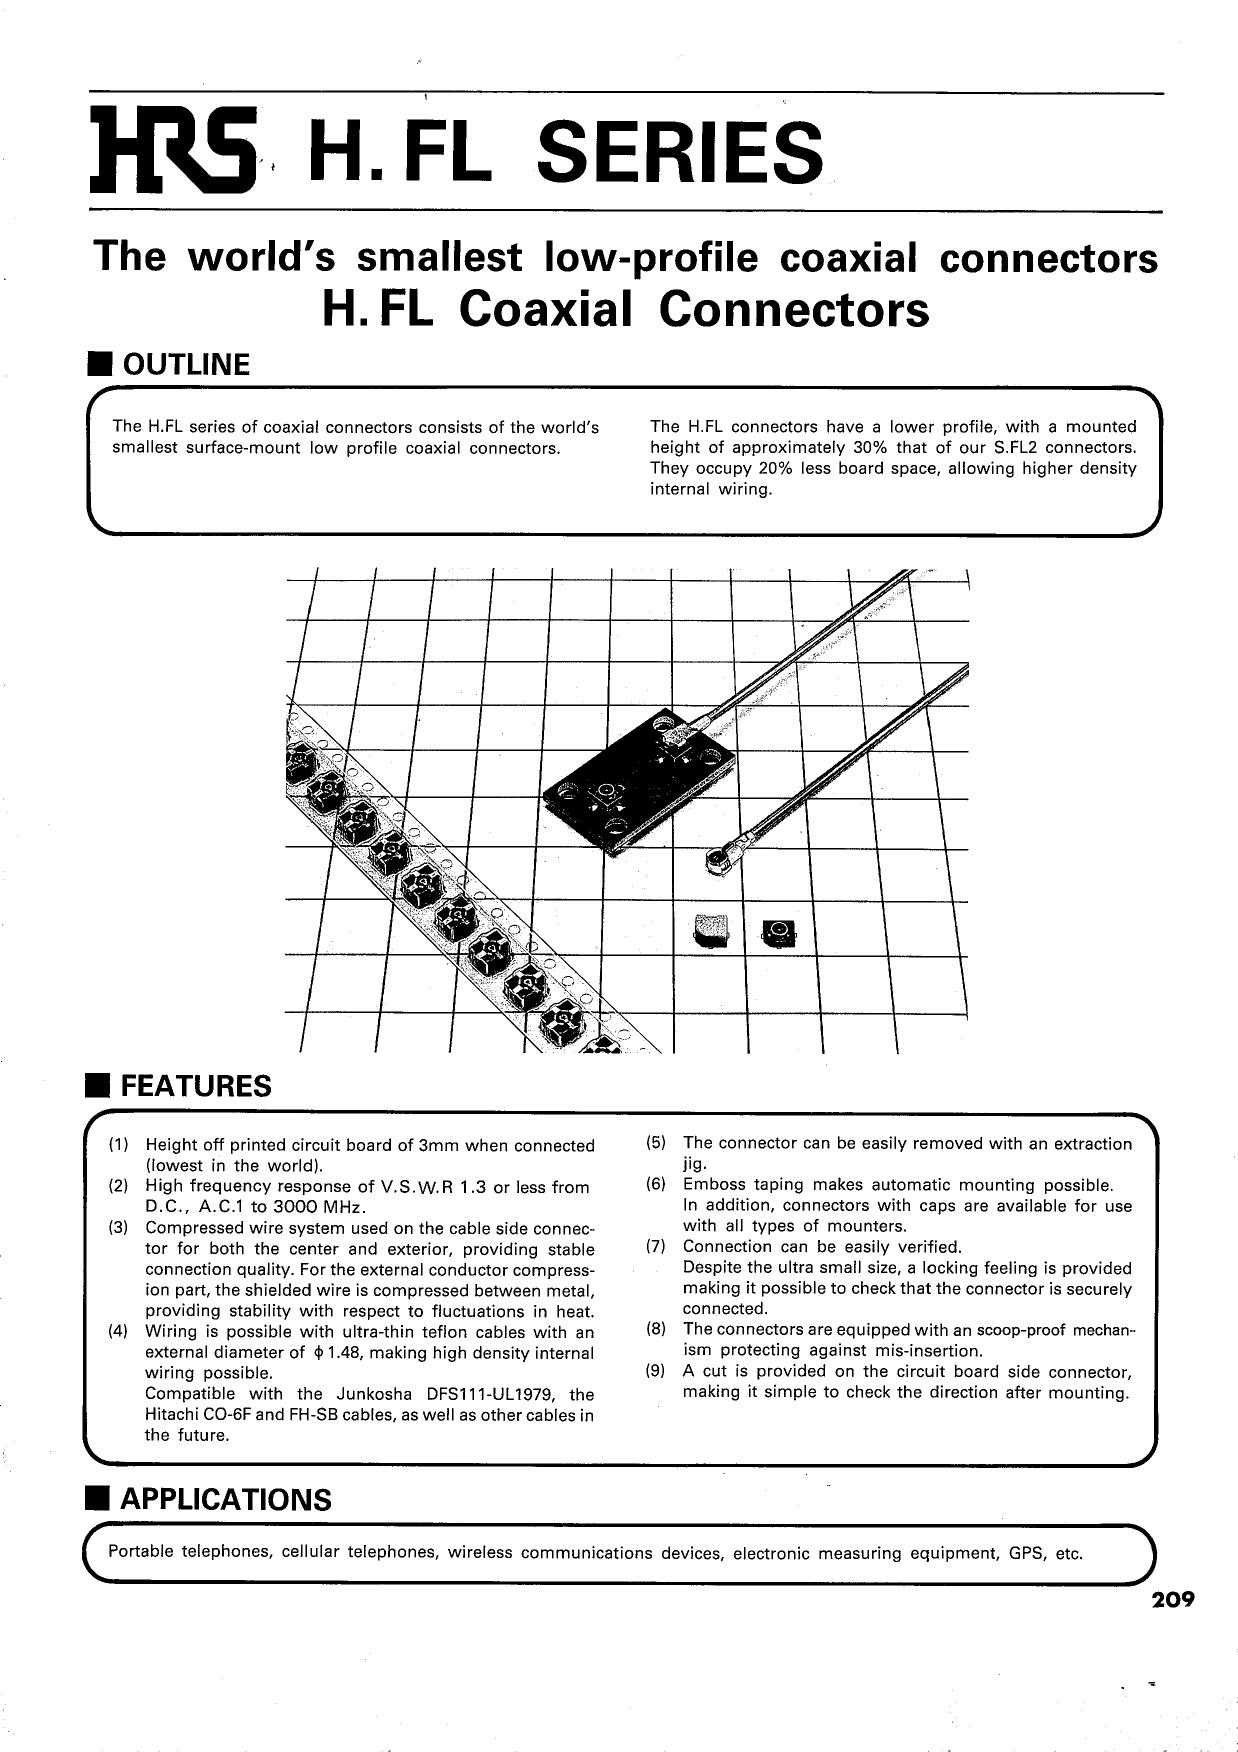 H.FL-LP-A32 datasheet